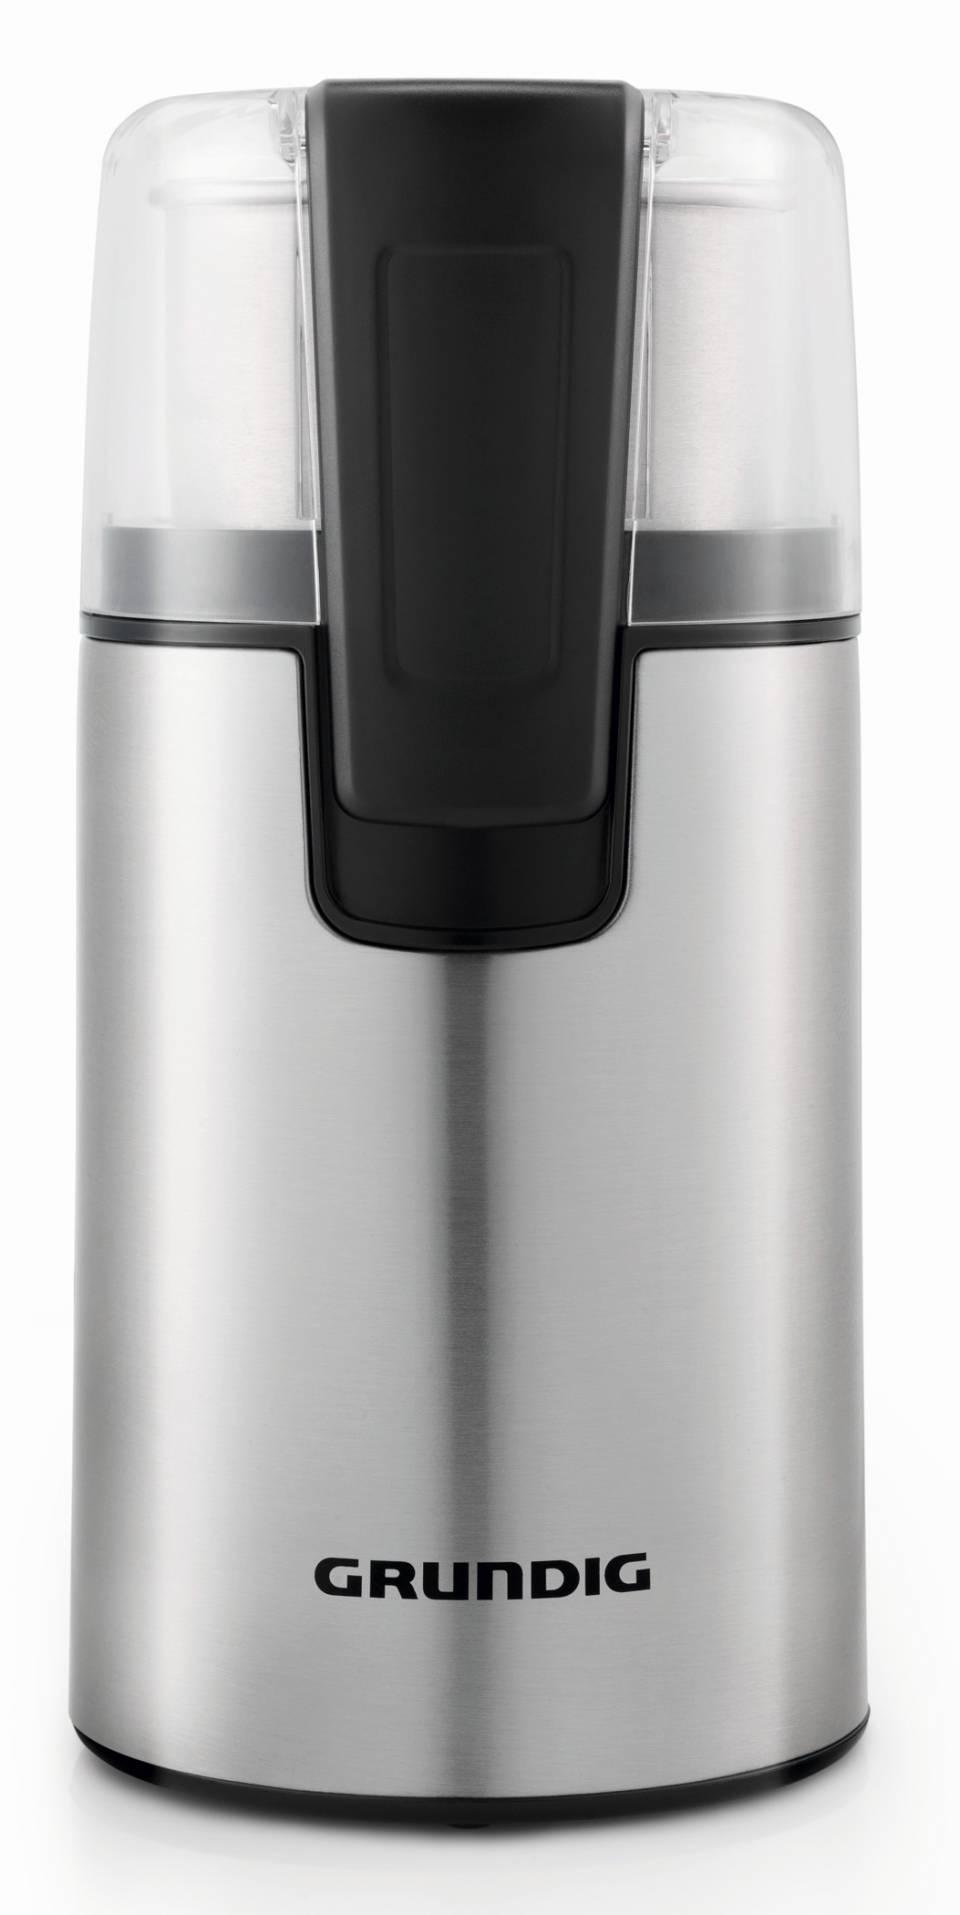 Grundig Kaffeemühle CM 4760 mit Schlagmahlwerk.